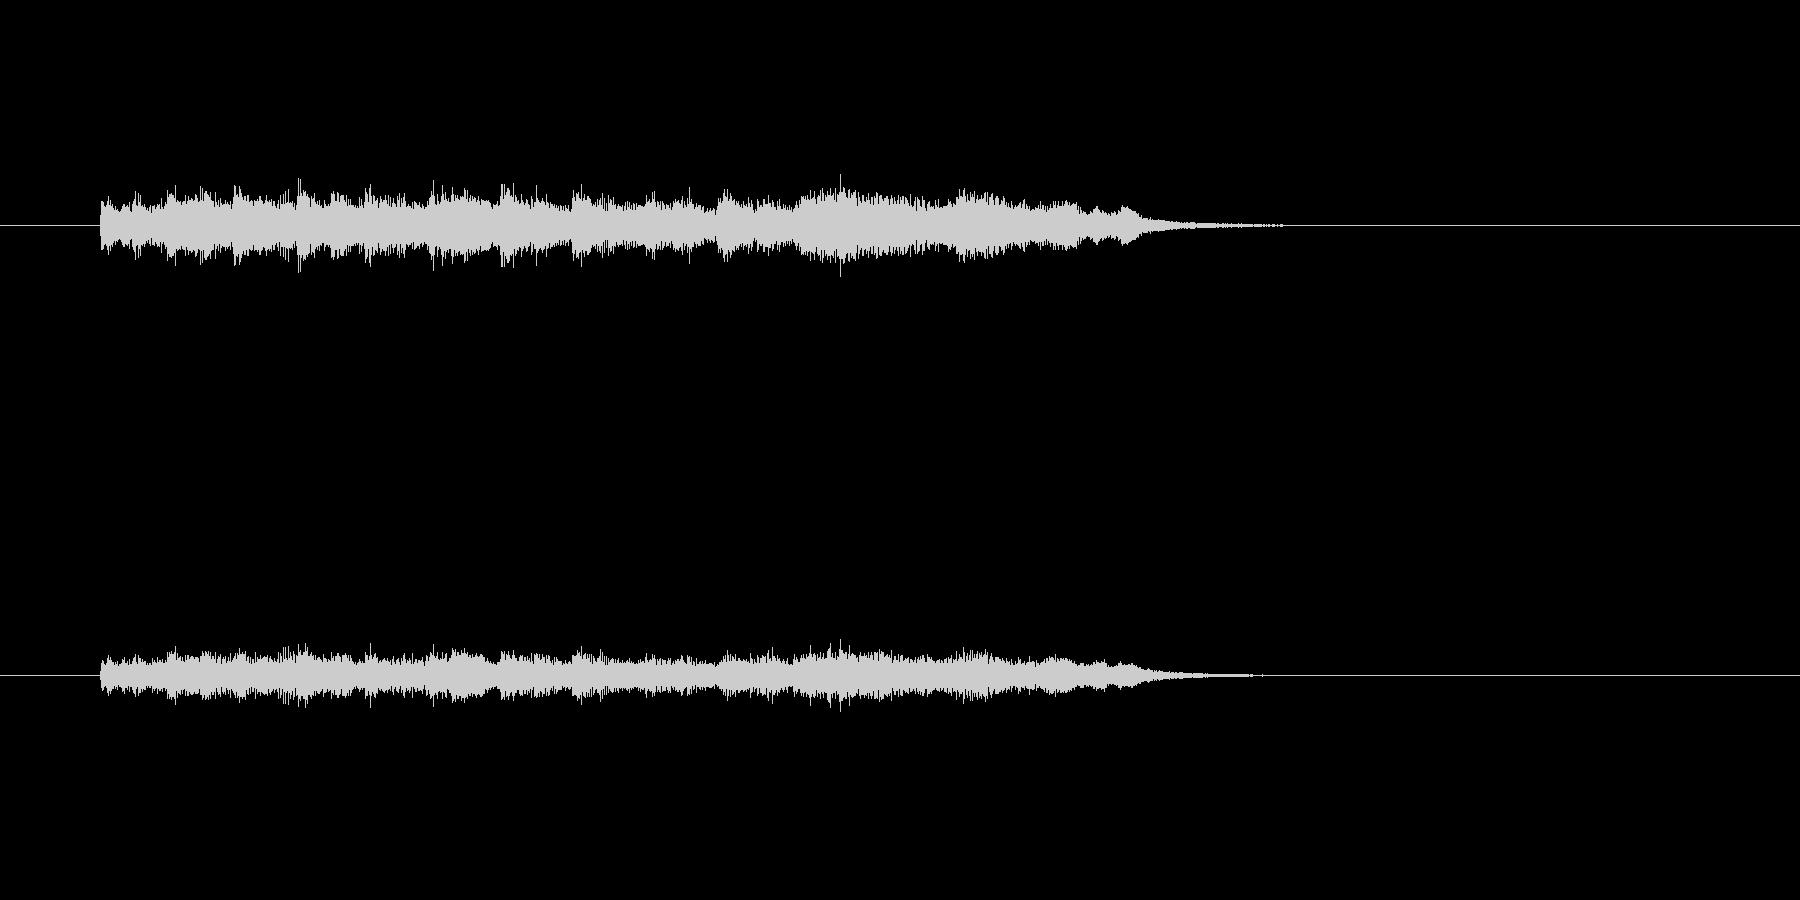 ハープシーコード チェンバロ 不思議の未再生の波形